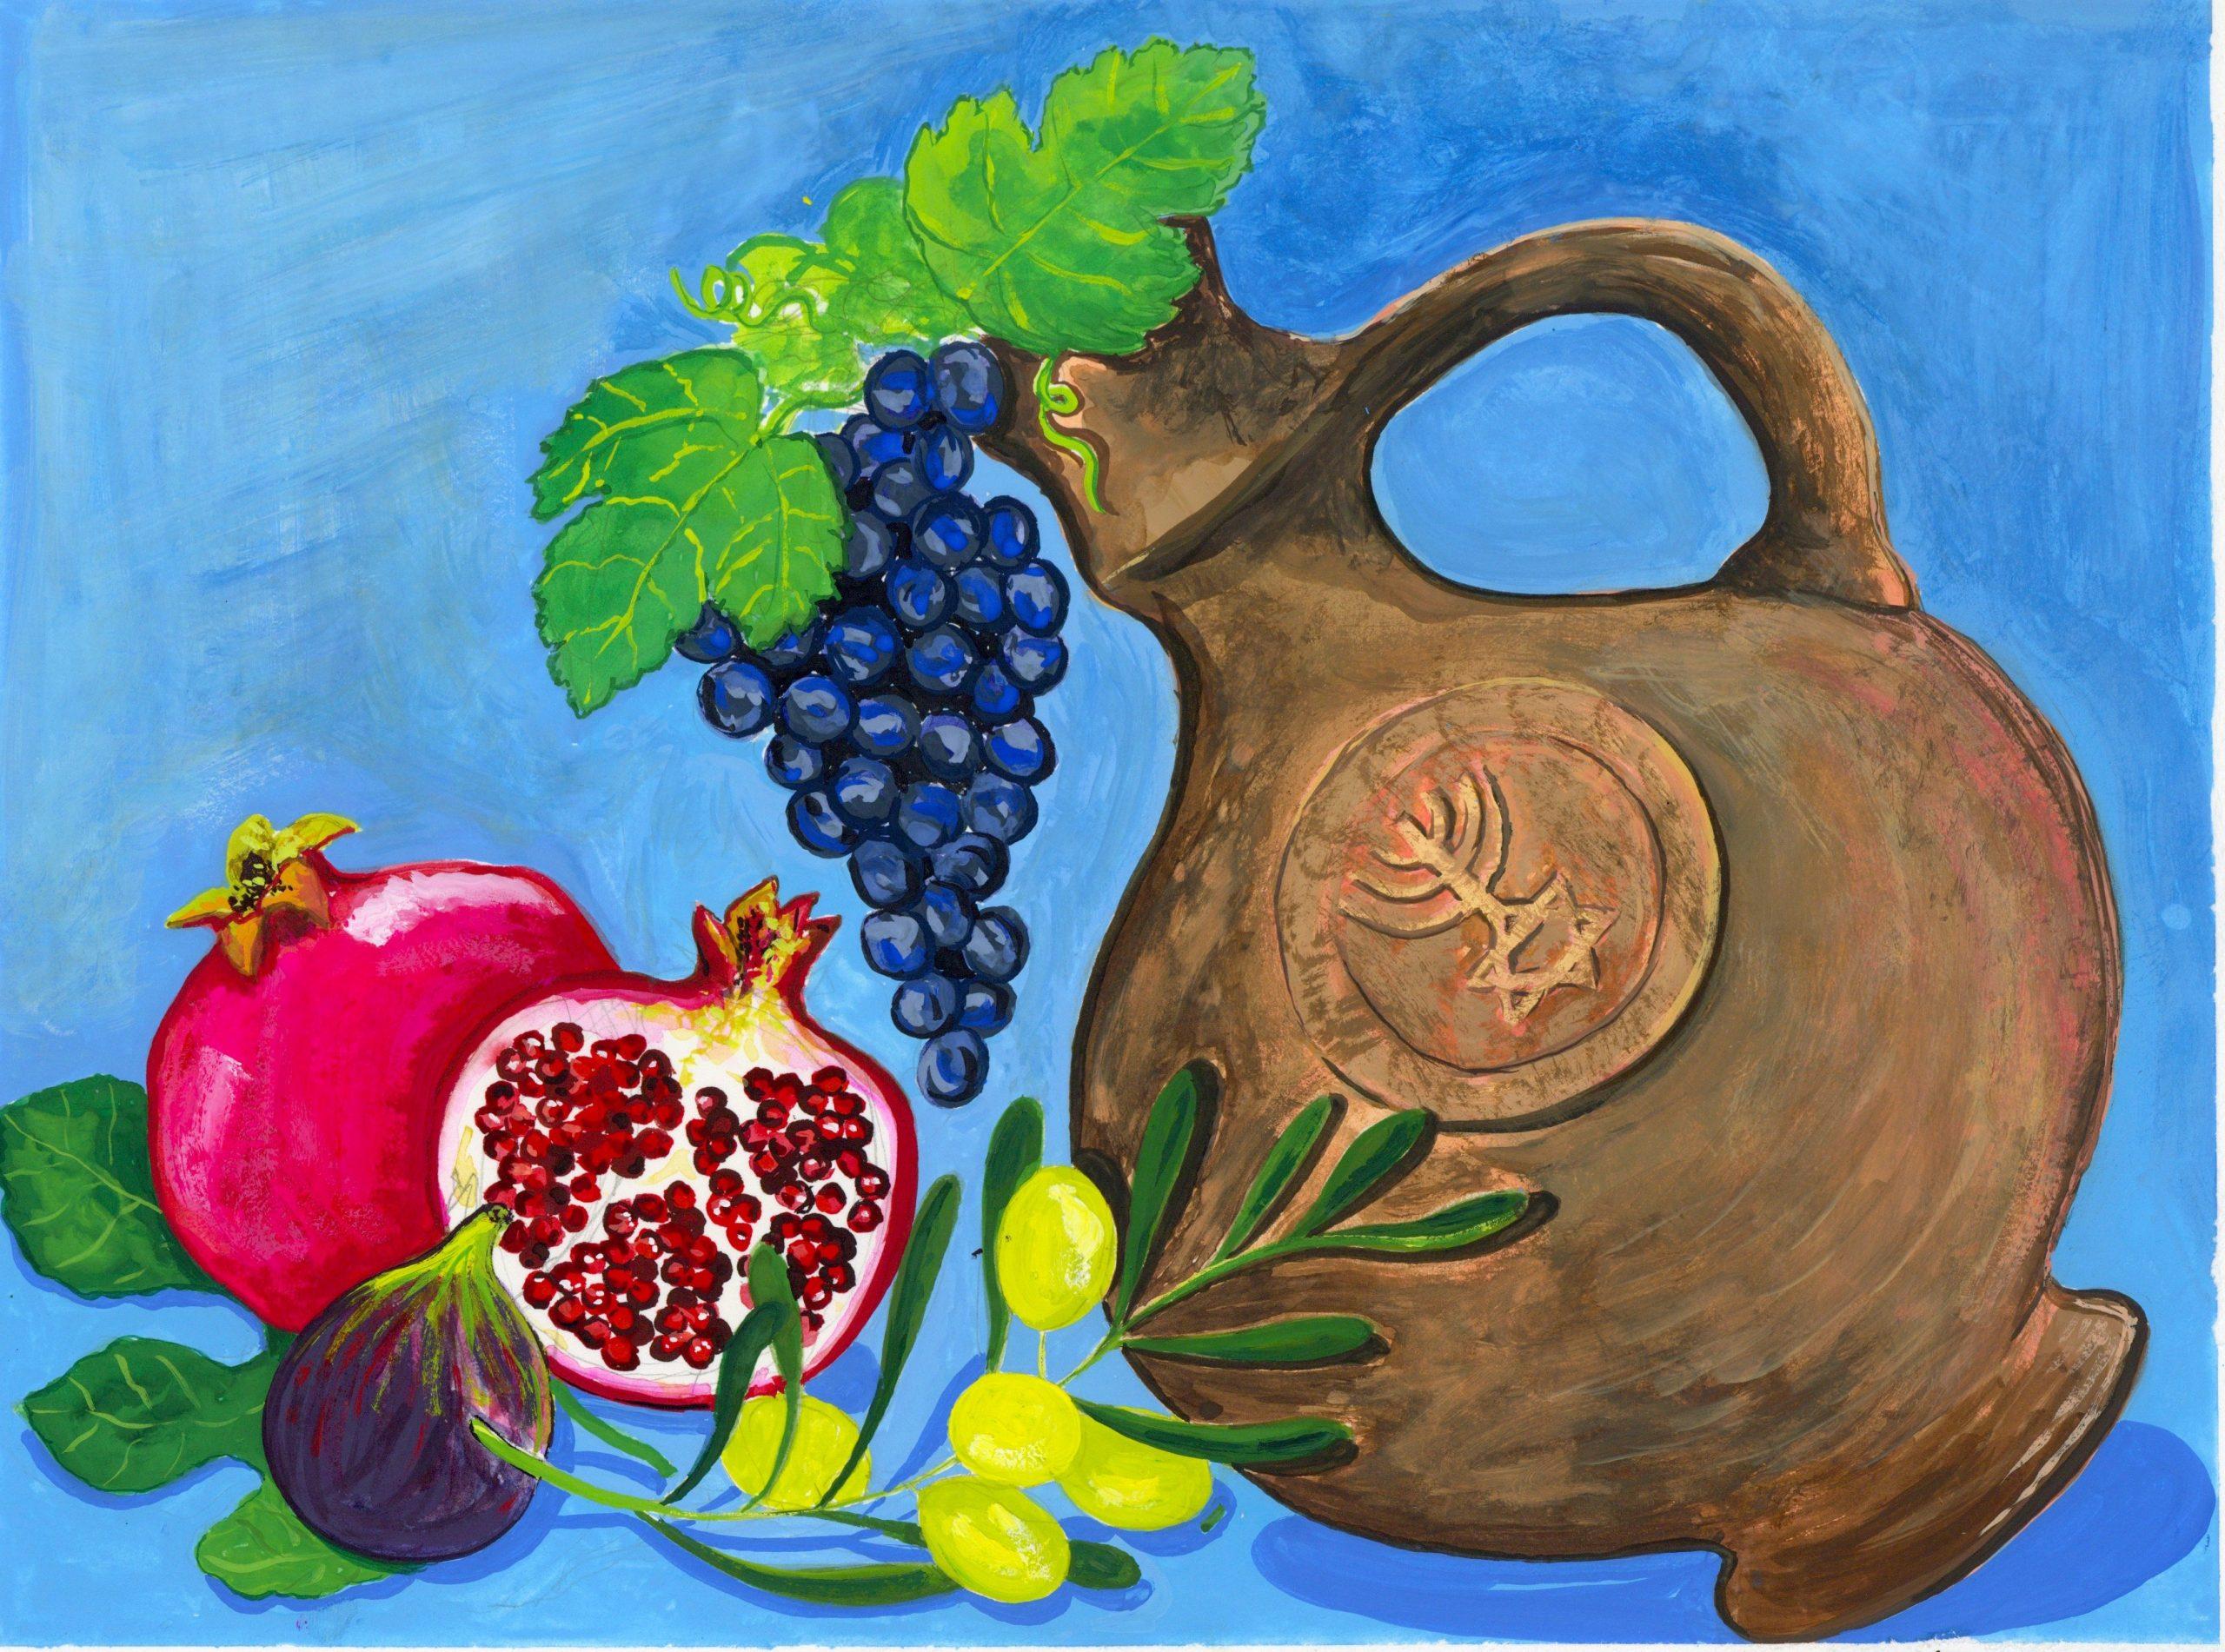 Jug and Fruits